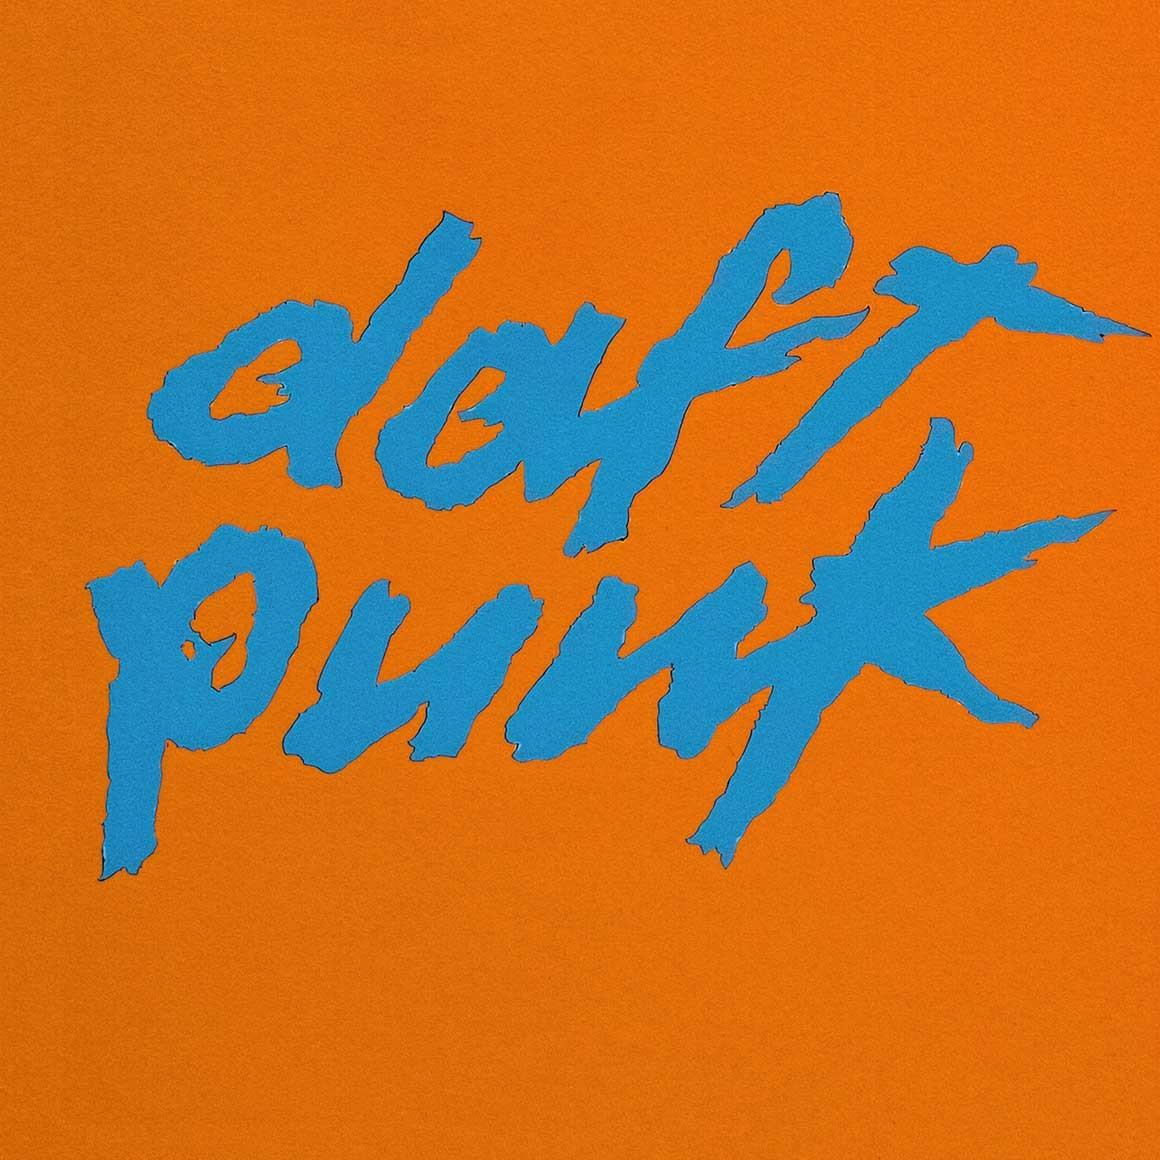 skateboard_pd_logos_orange-